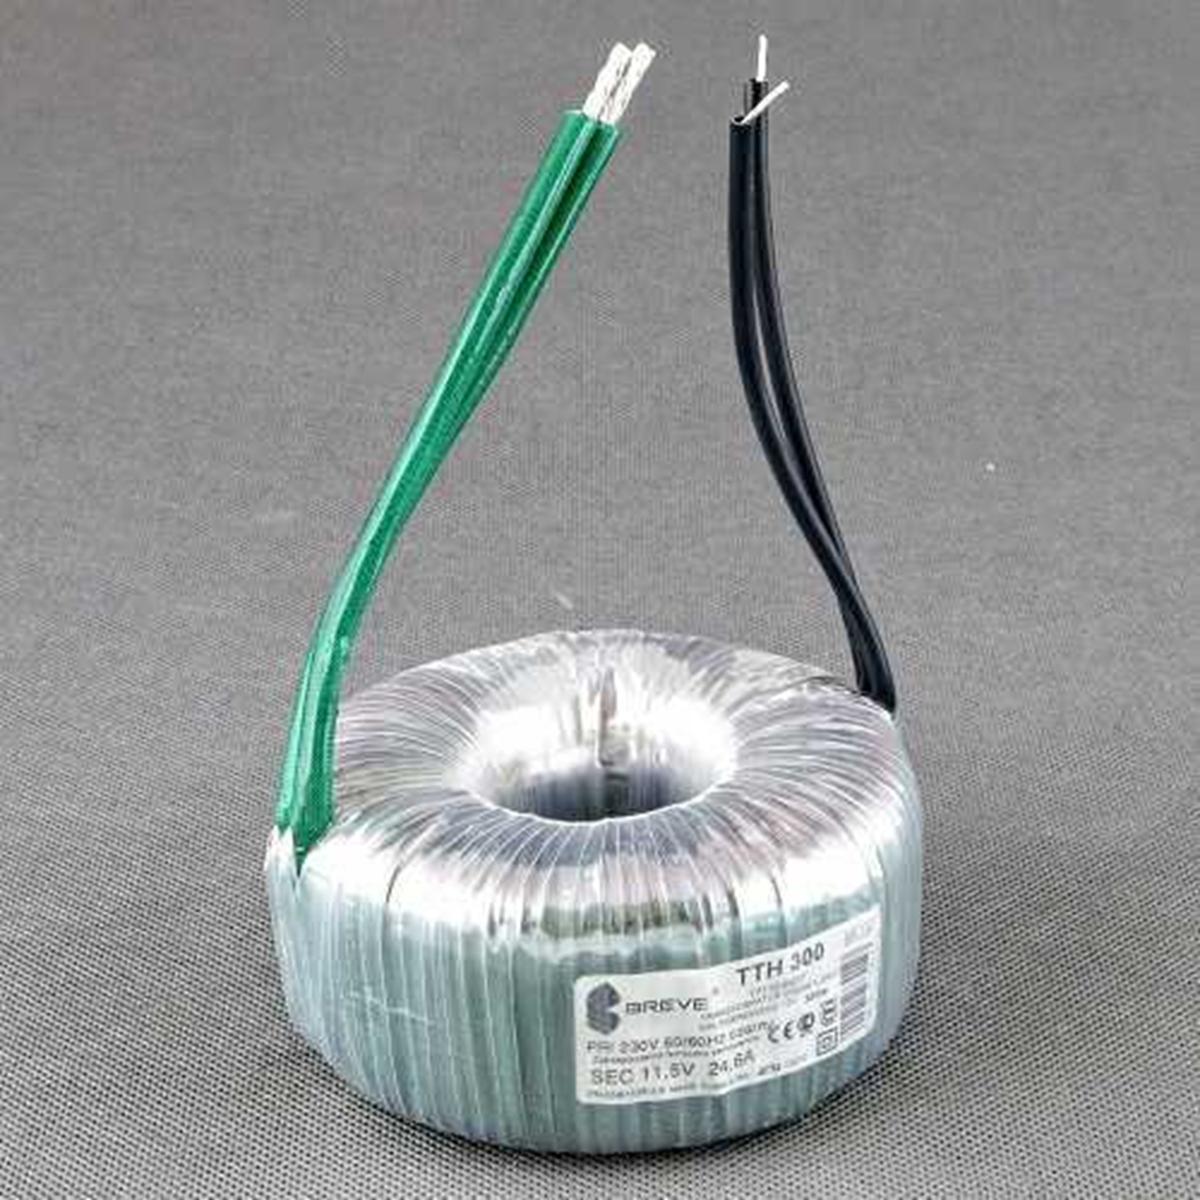 Transformator Do Oswietlenia Niskonapieciow Niskonapieciow Lamp Halogenowych Tth 300 230 11 5v Sklep Elektryczny El12